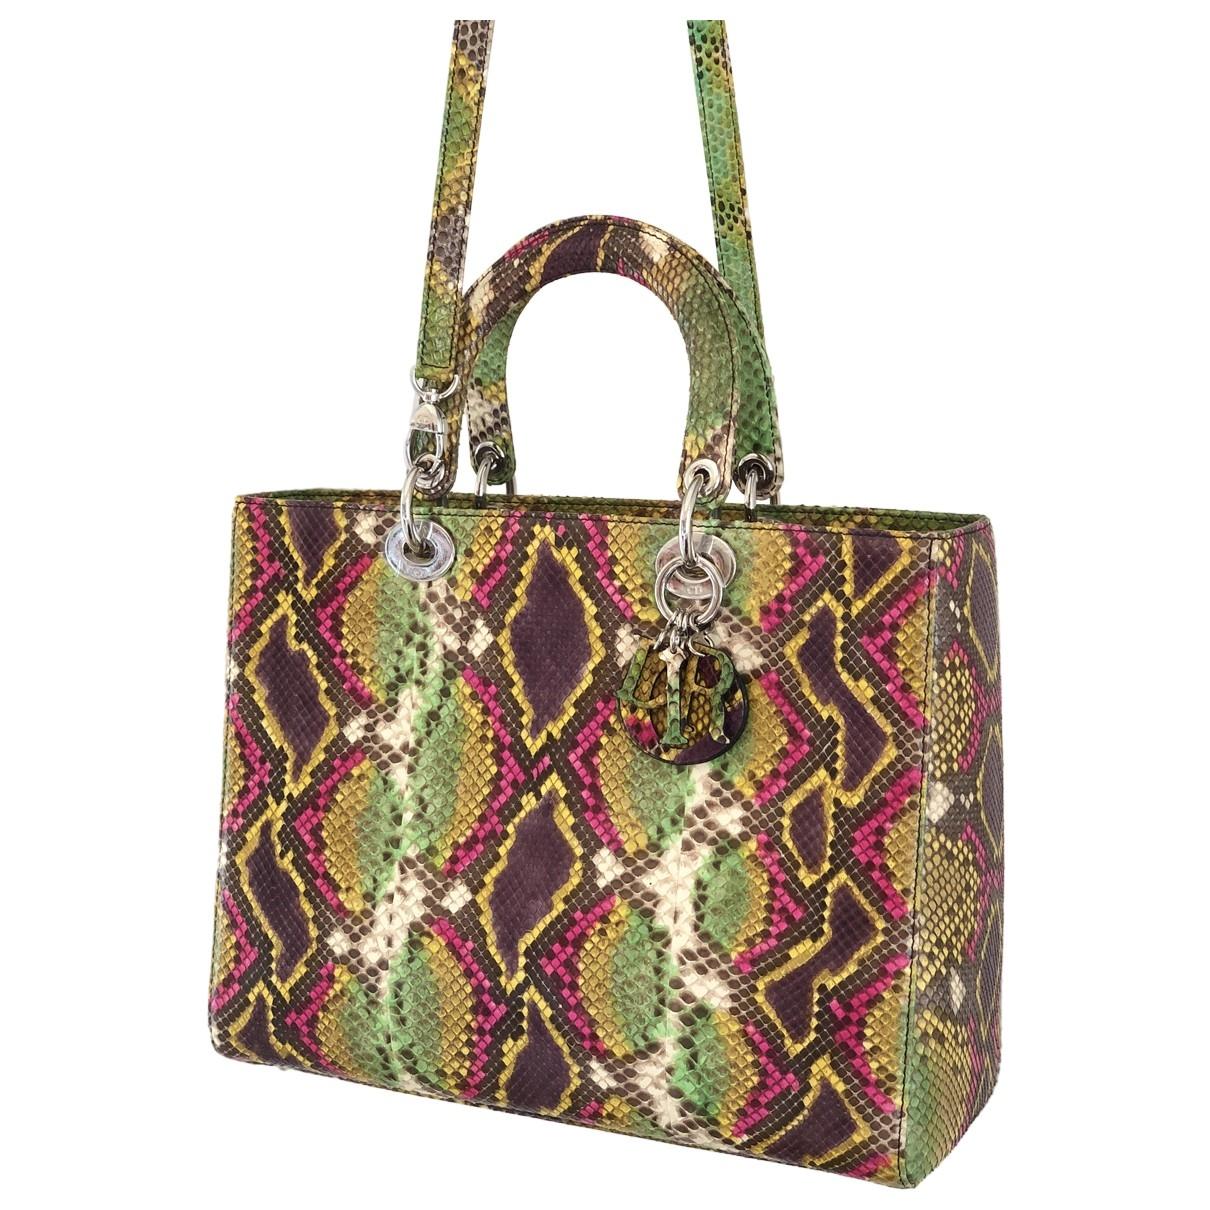 Dior - Sac a main Lady Dior pour femme en python - multicolore